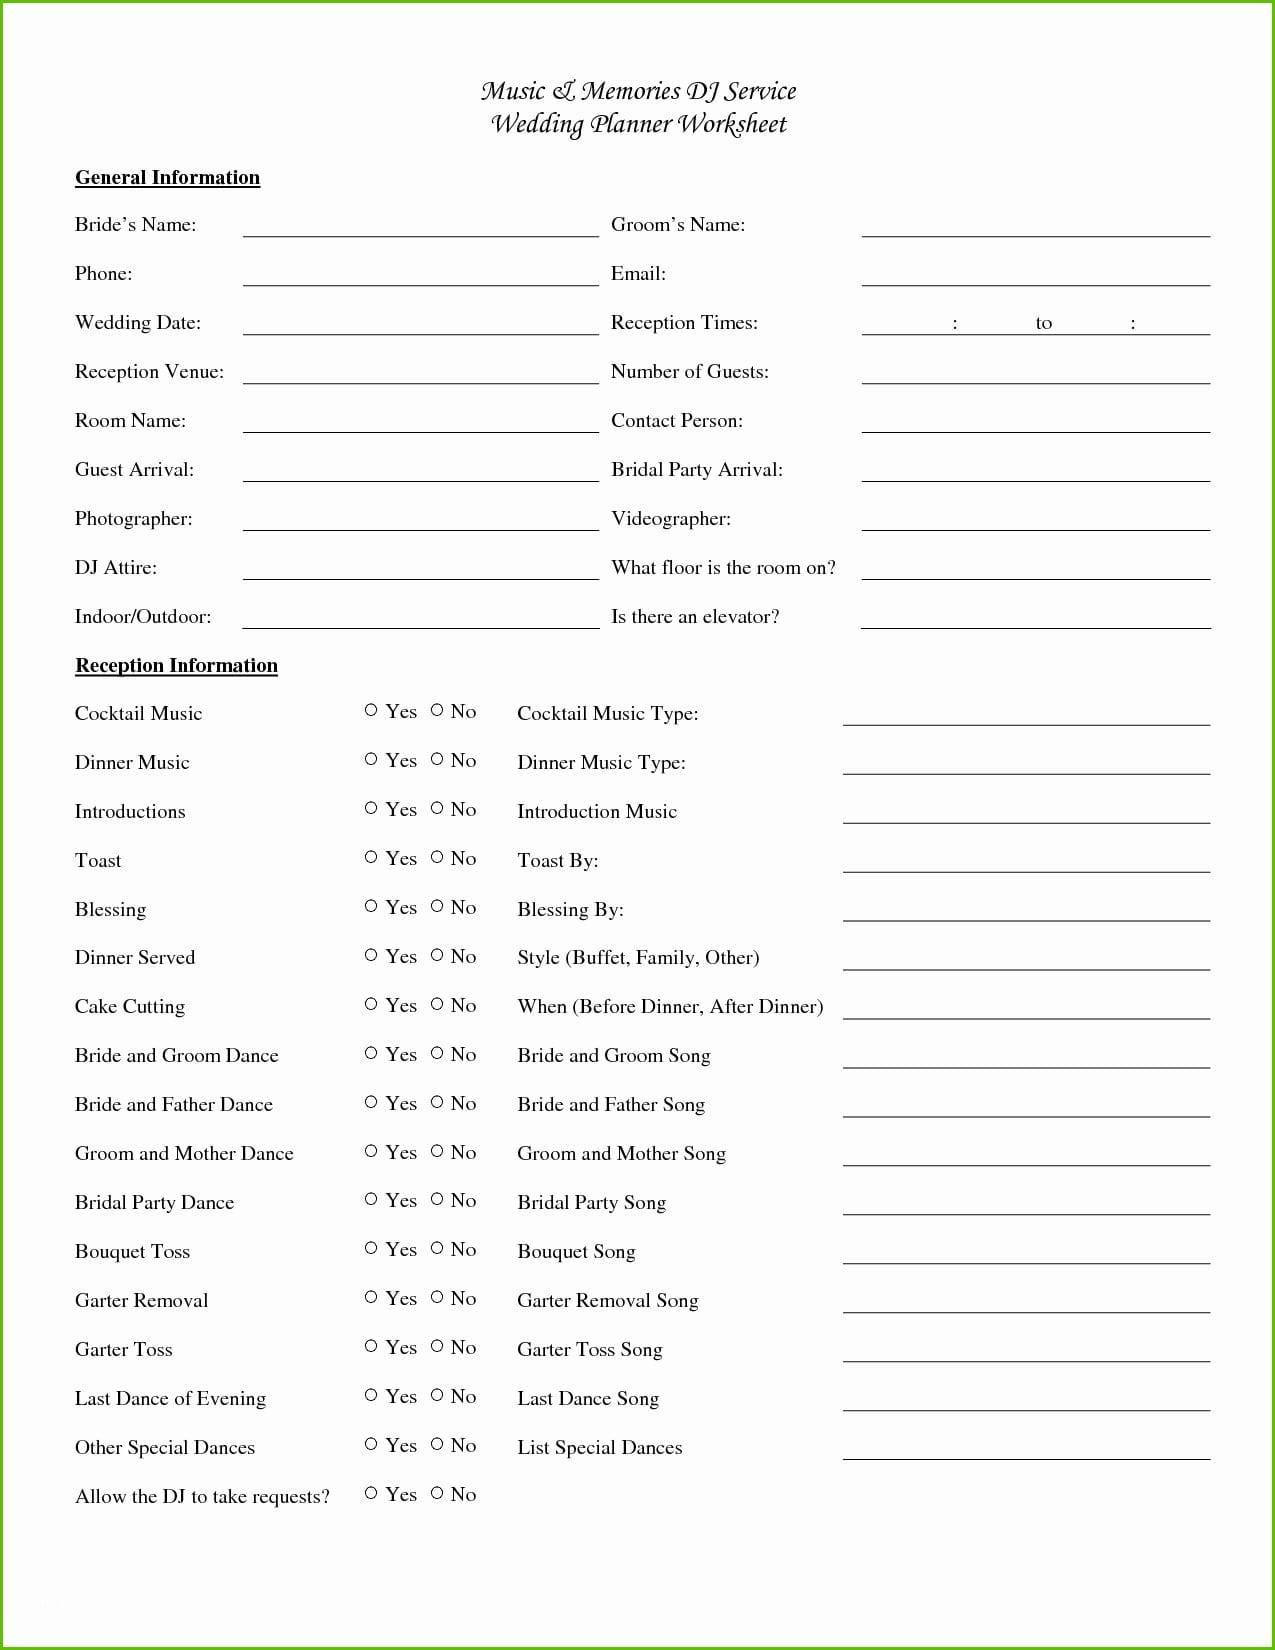 Wedding Flower Planning Worksheet Math Worksheets With Regard To Wedding Flower Planning Worksheet